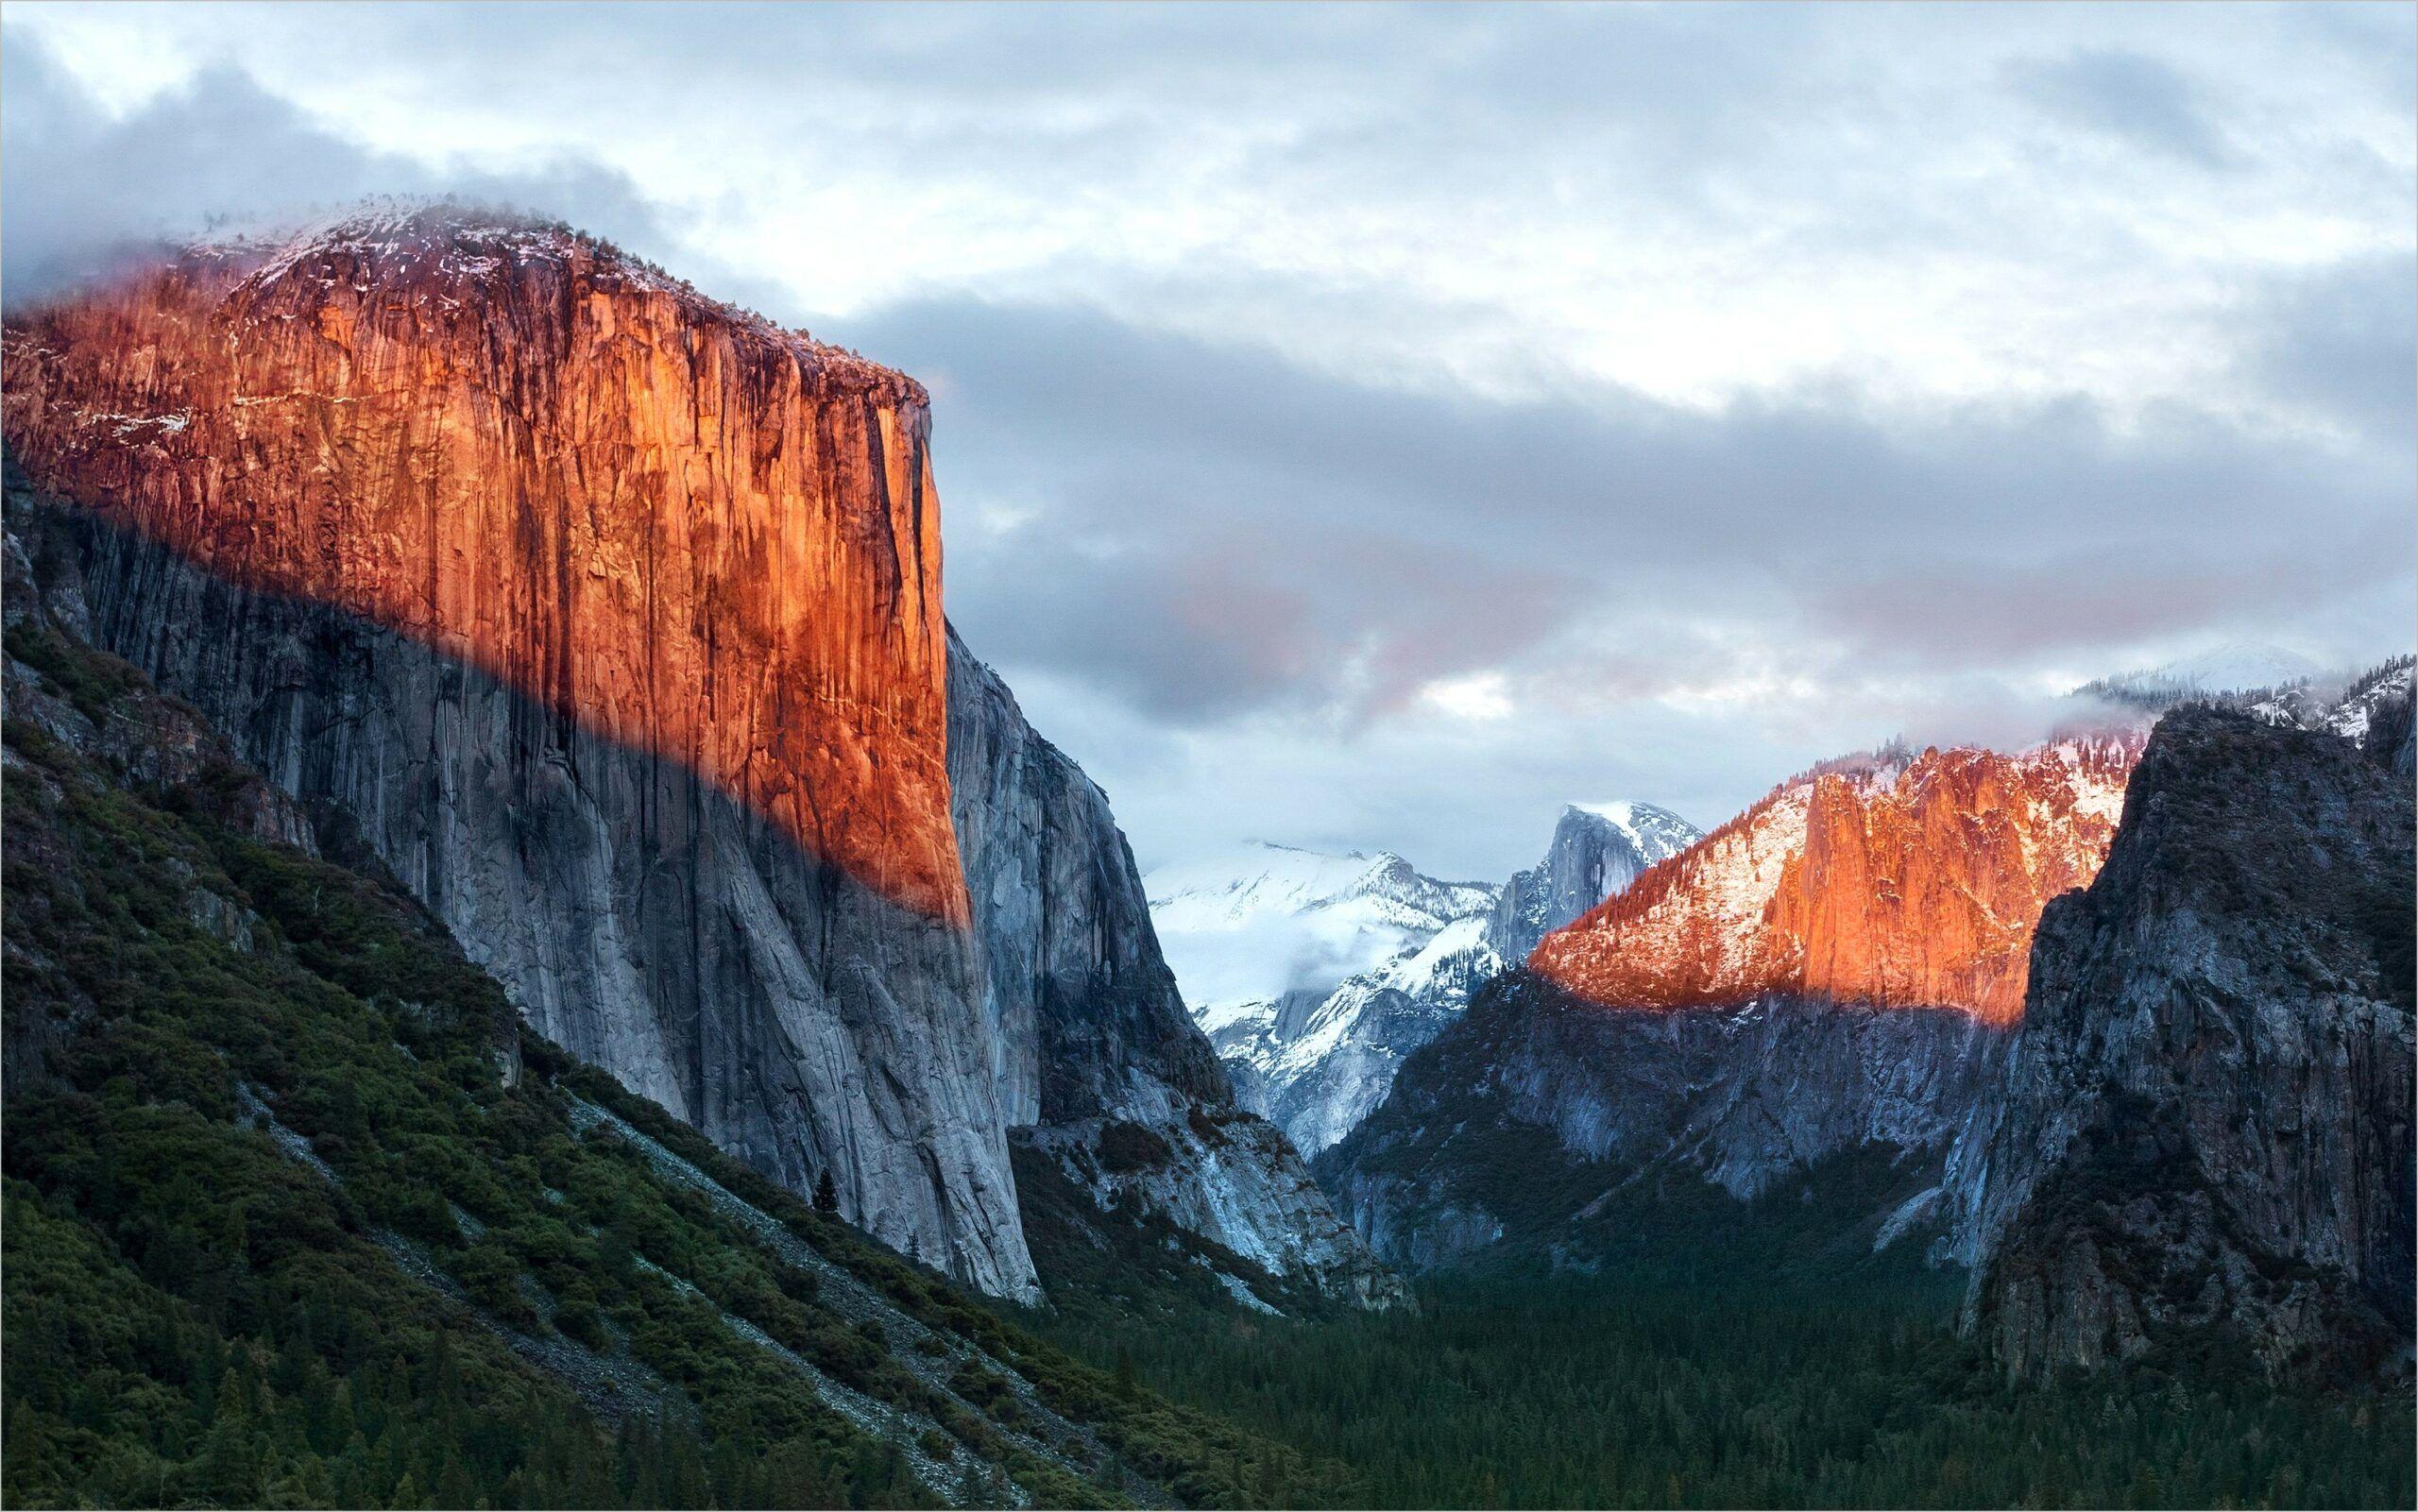 Mac Yosemite Wallpaper 4k In 2020 Yosemite Wallpaper Nature Pictures Hd Wallpaper